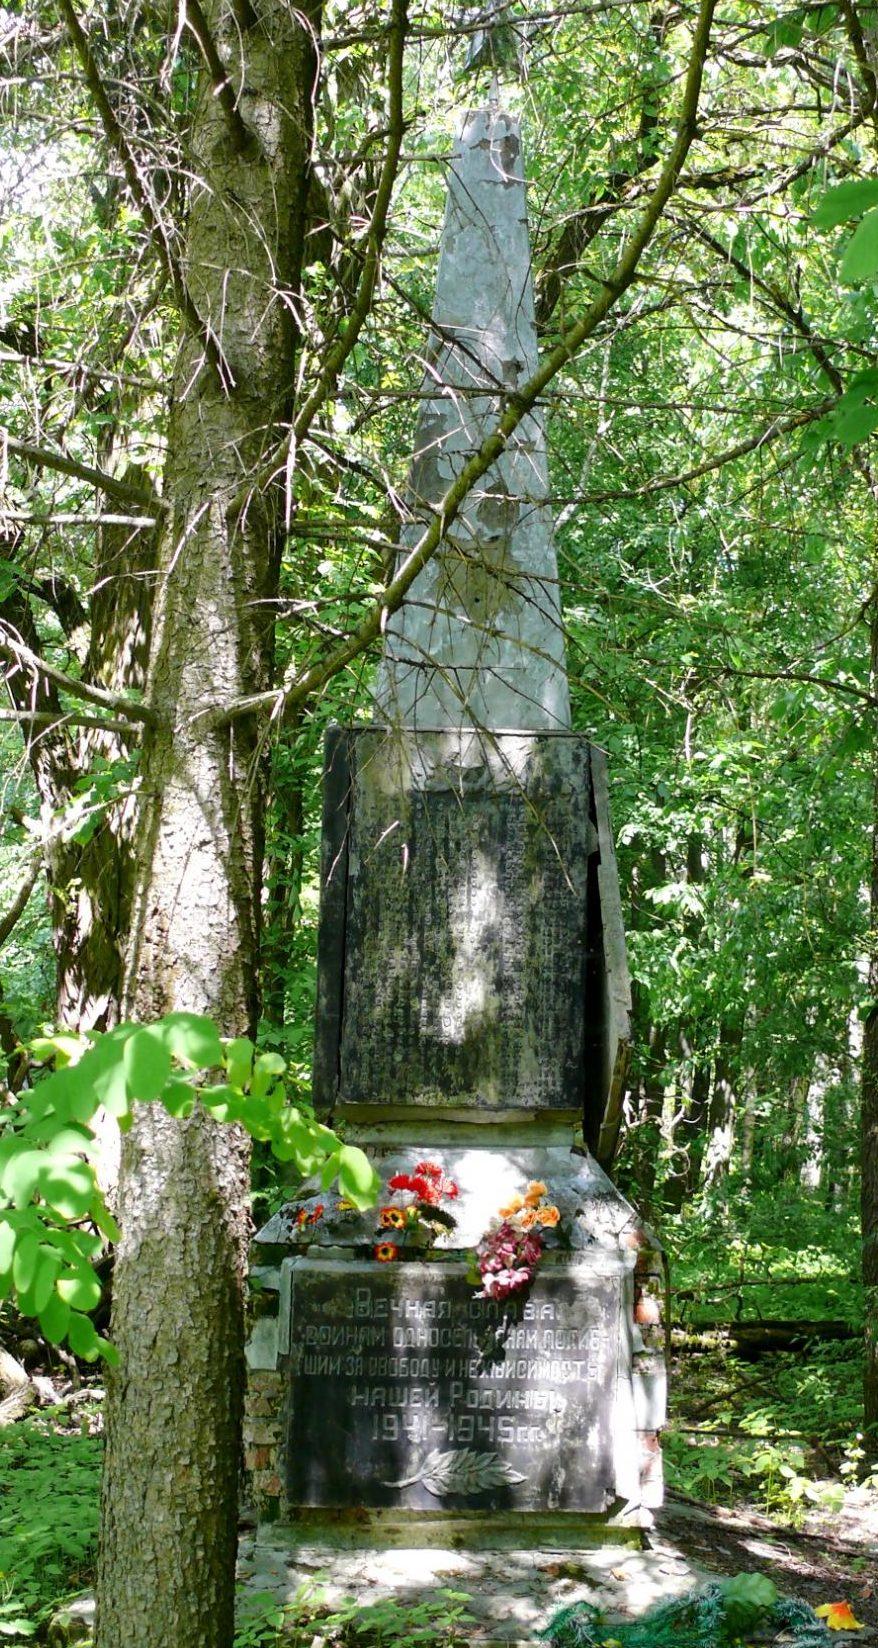 с. Варовичи, Чернобыльская зона отчуждения. Братская могила и памятник воинам-односельчанам.